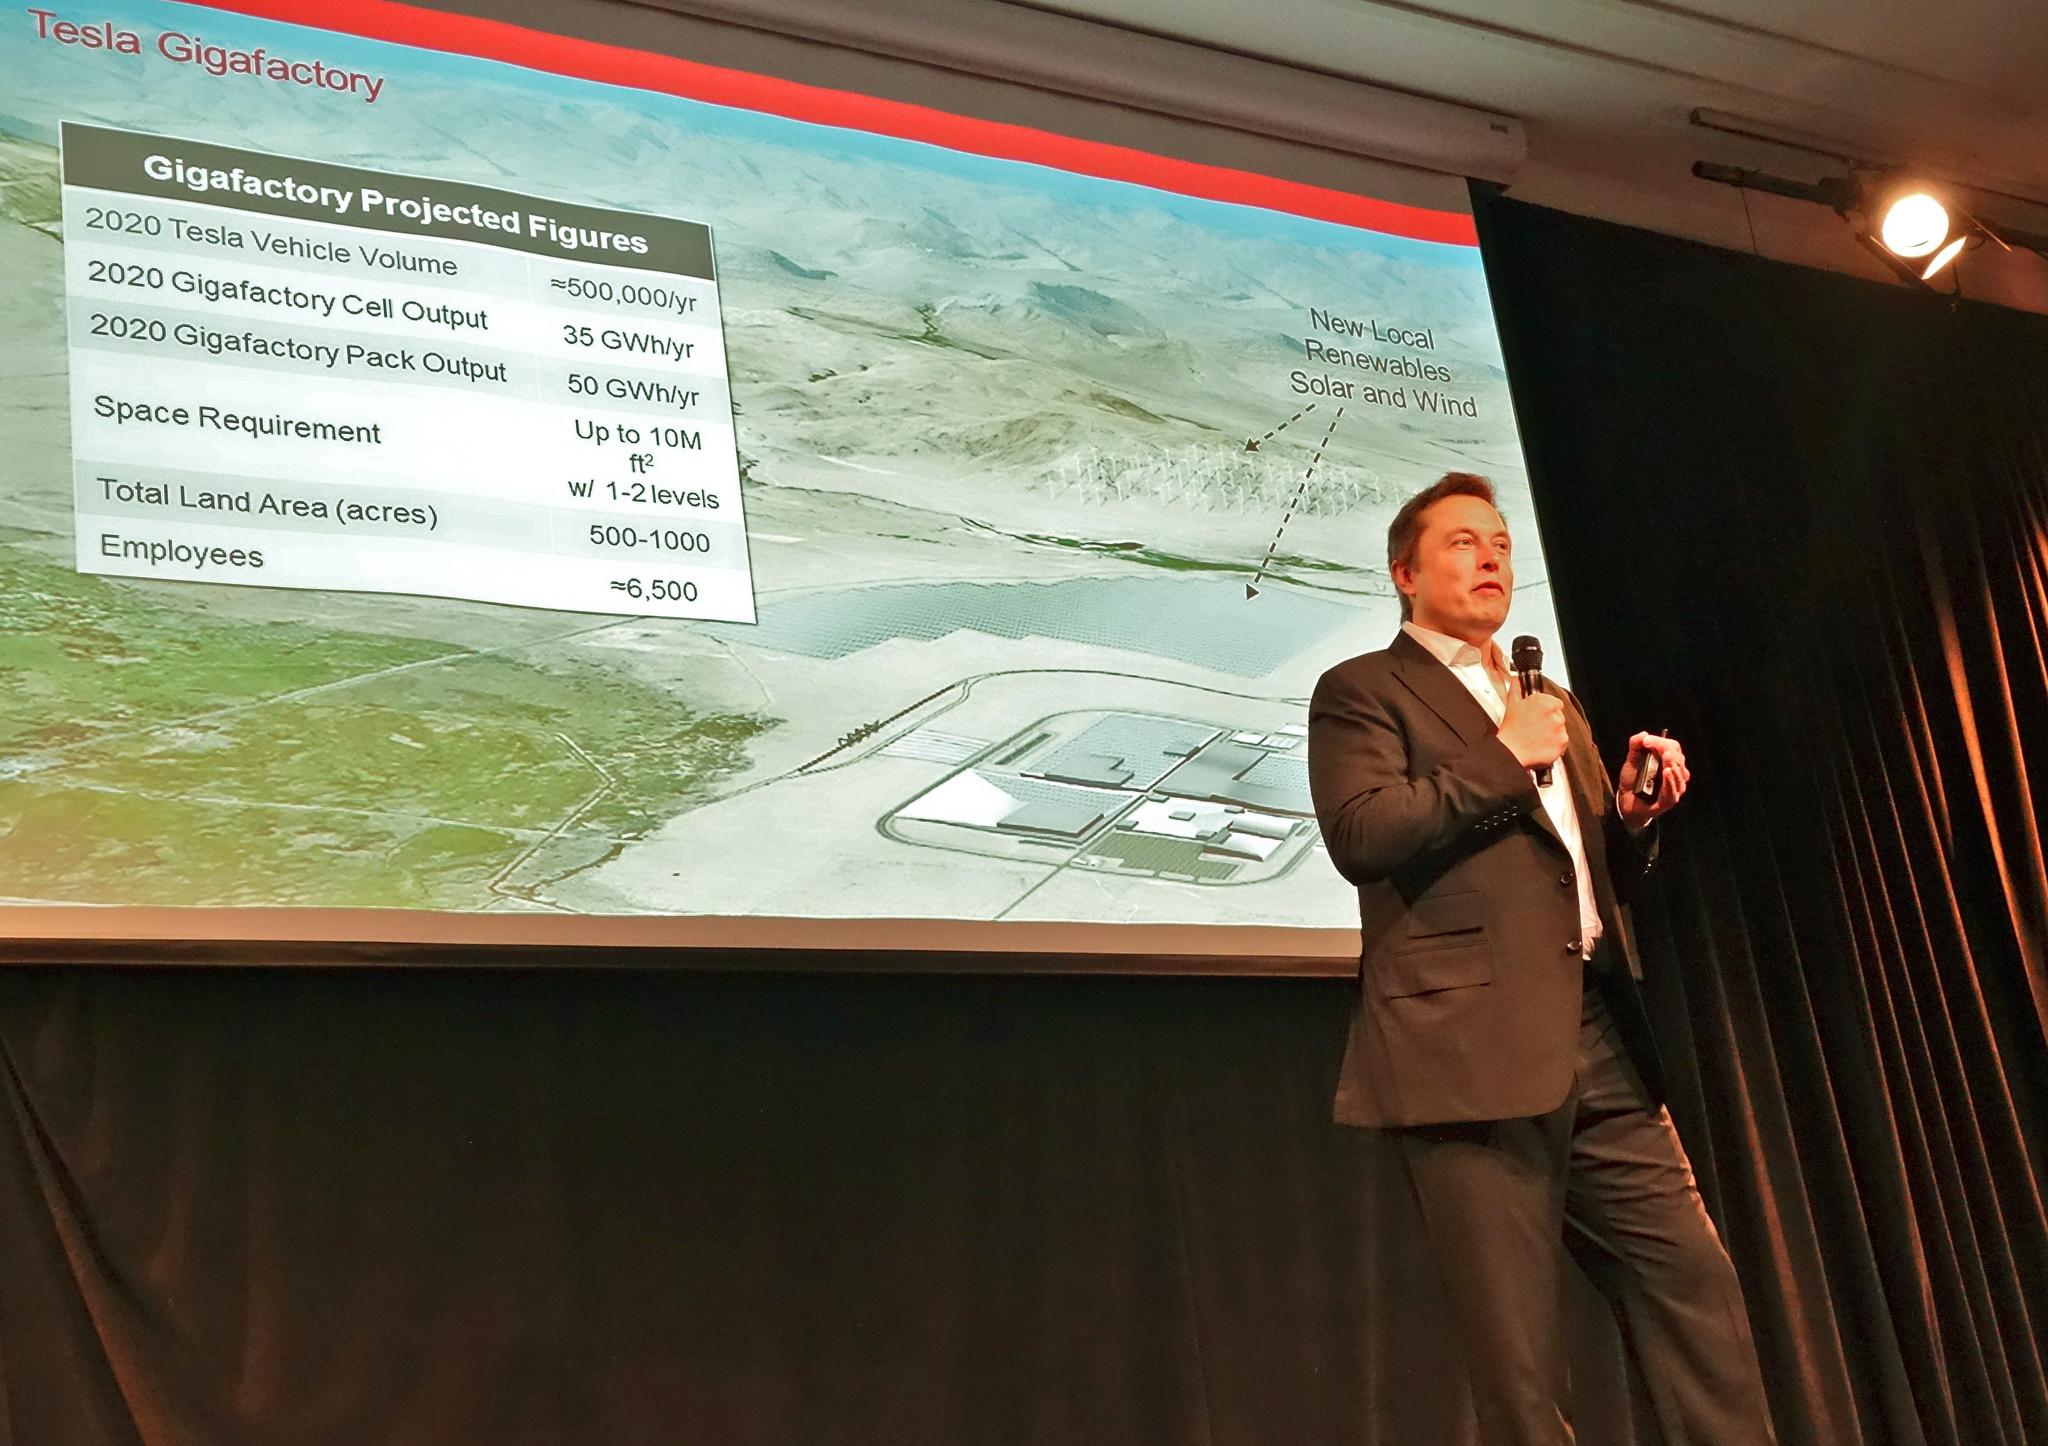 テスラの巨大工場Gigafactoryの現在と今後の見通し